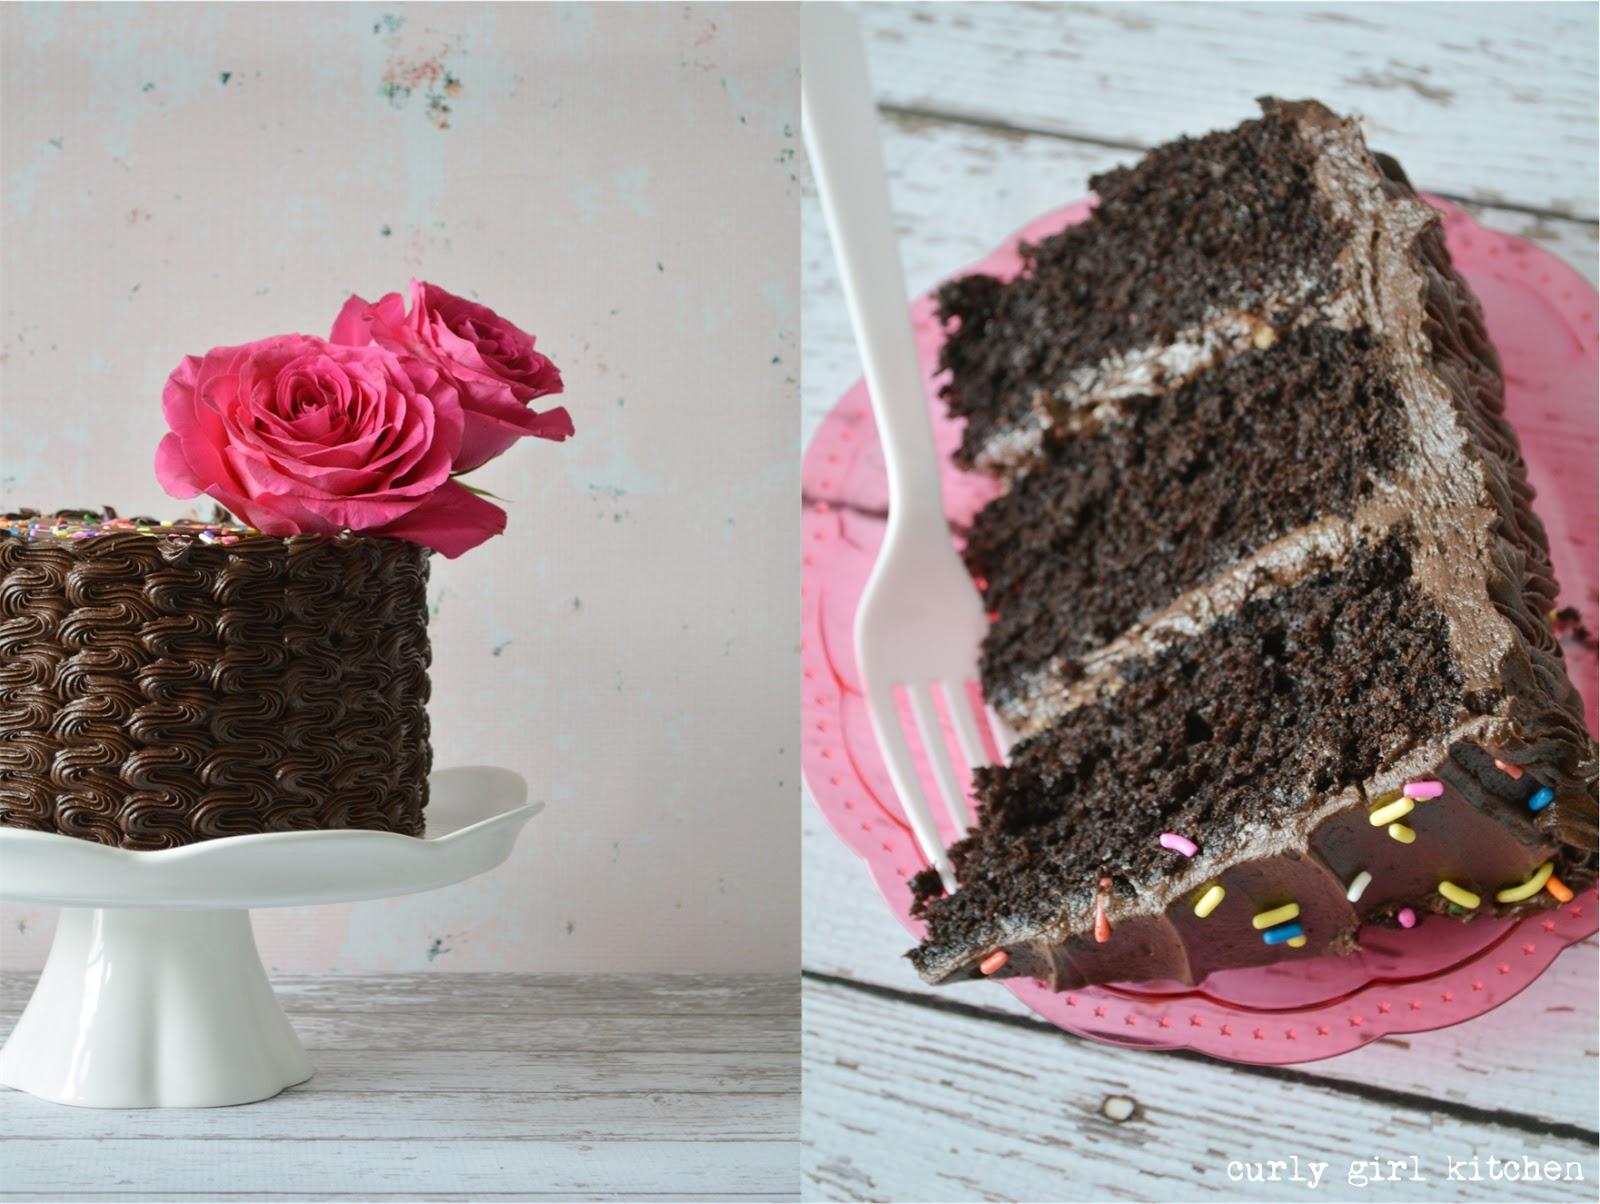 Curly Girl Kitchen: Dark Chocolate Chocolate Cake